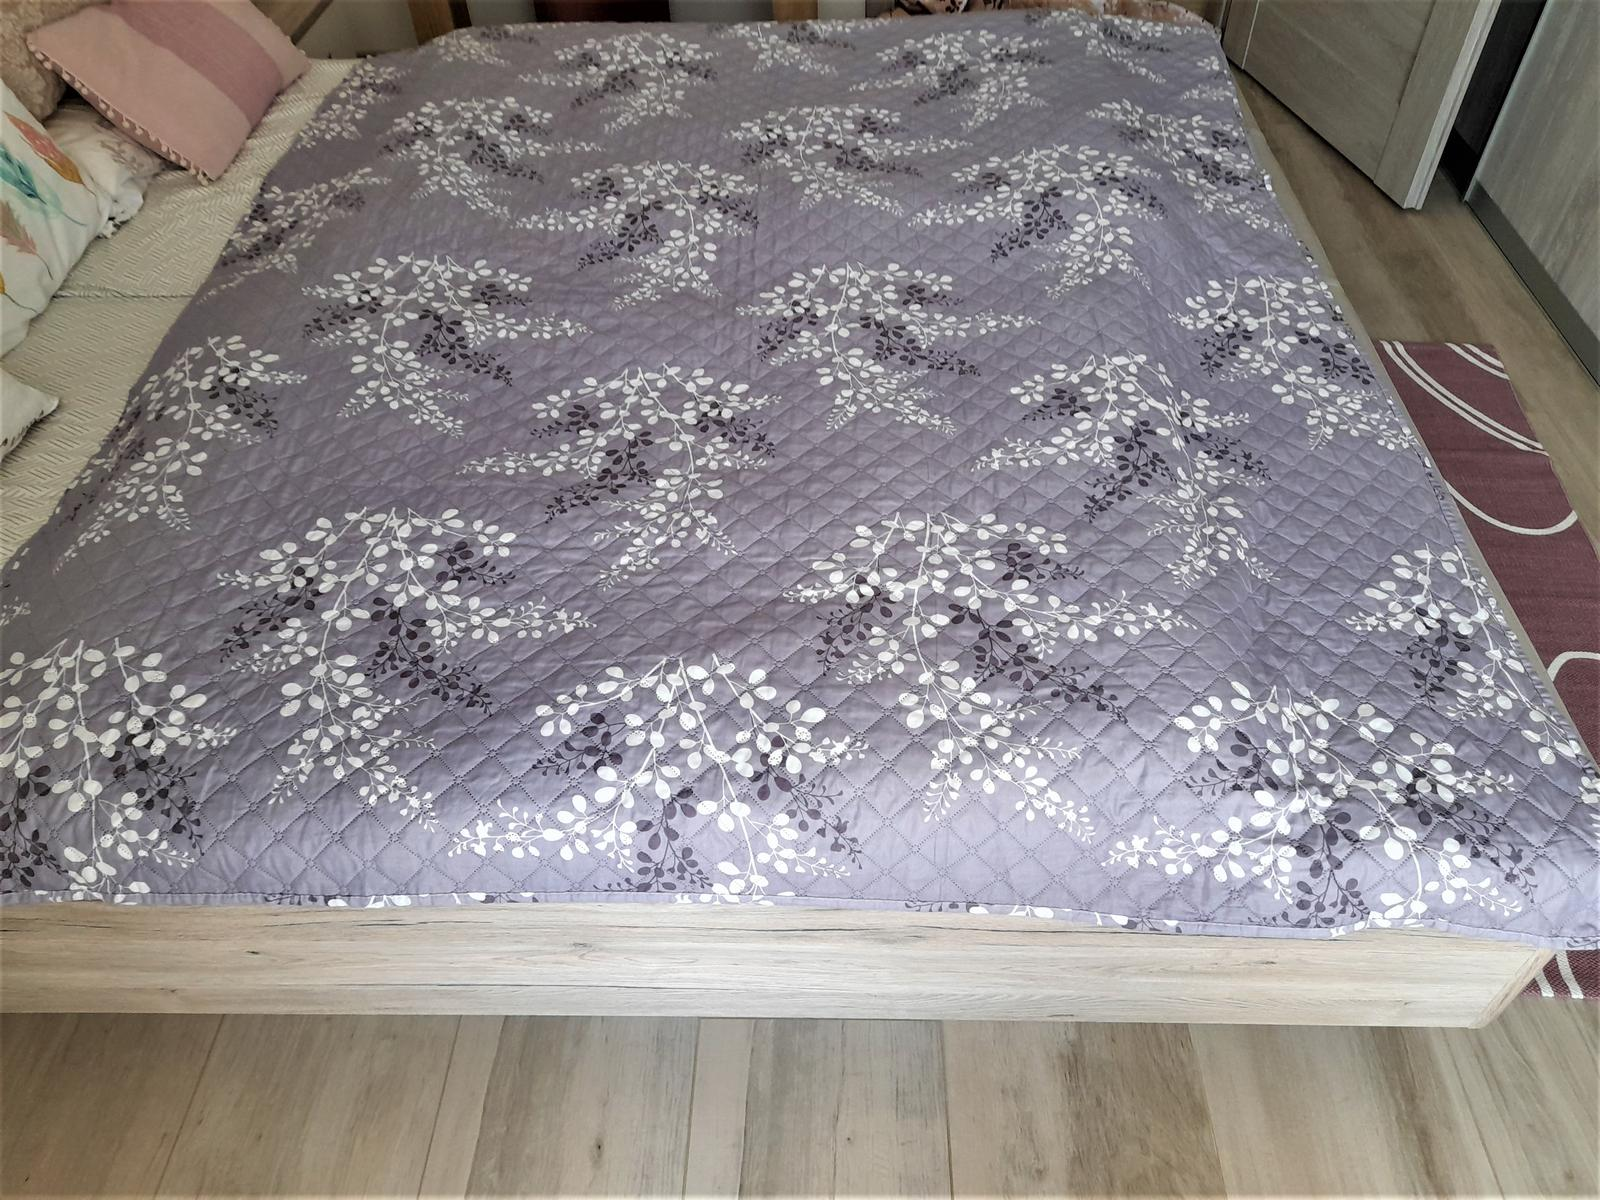 prešívaný obojstranný prehoz na posteľ-210x170cm - Obrázok č. 1